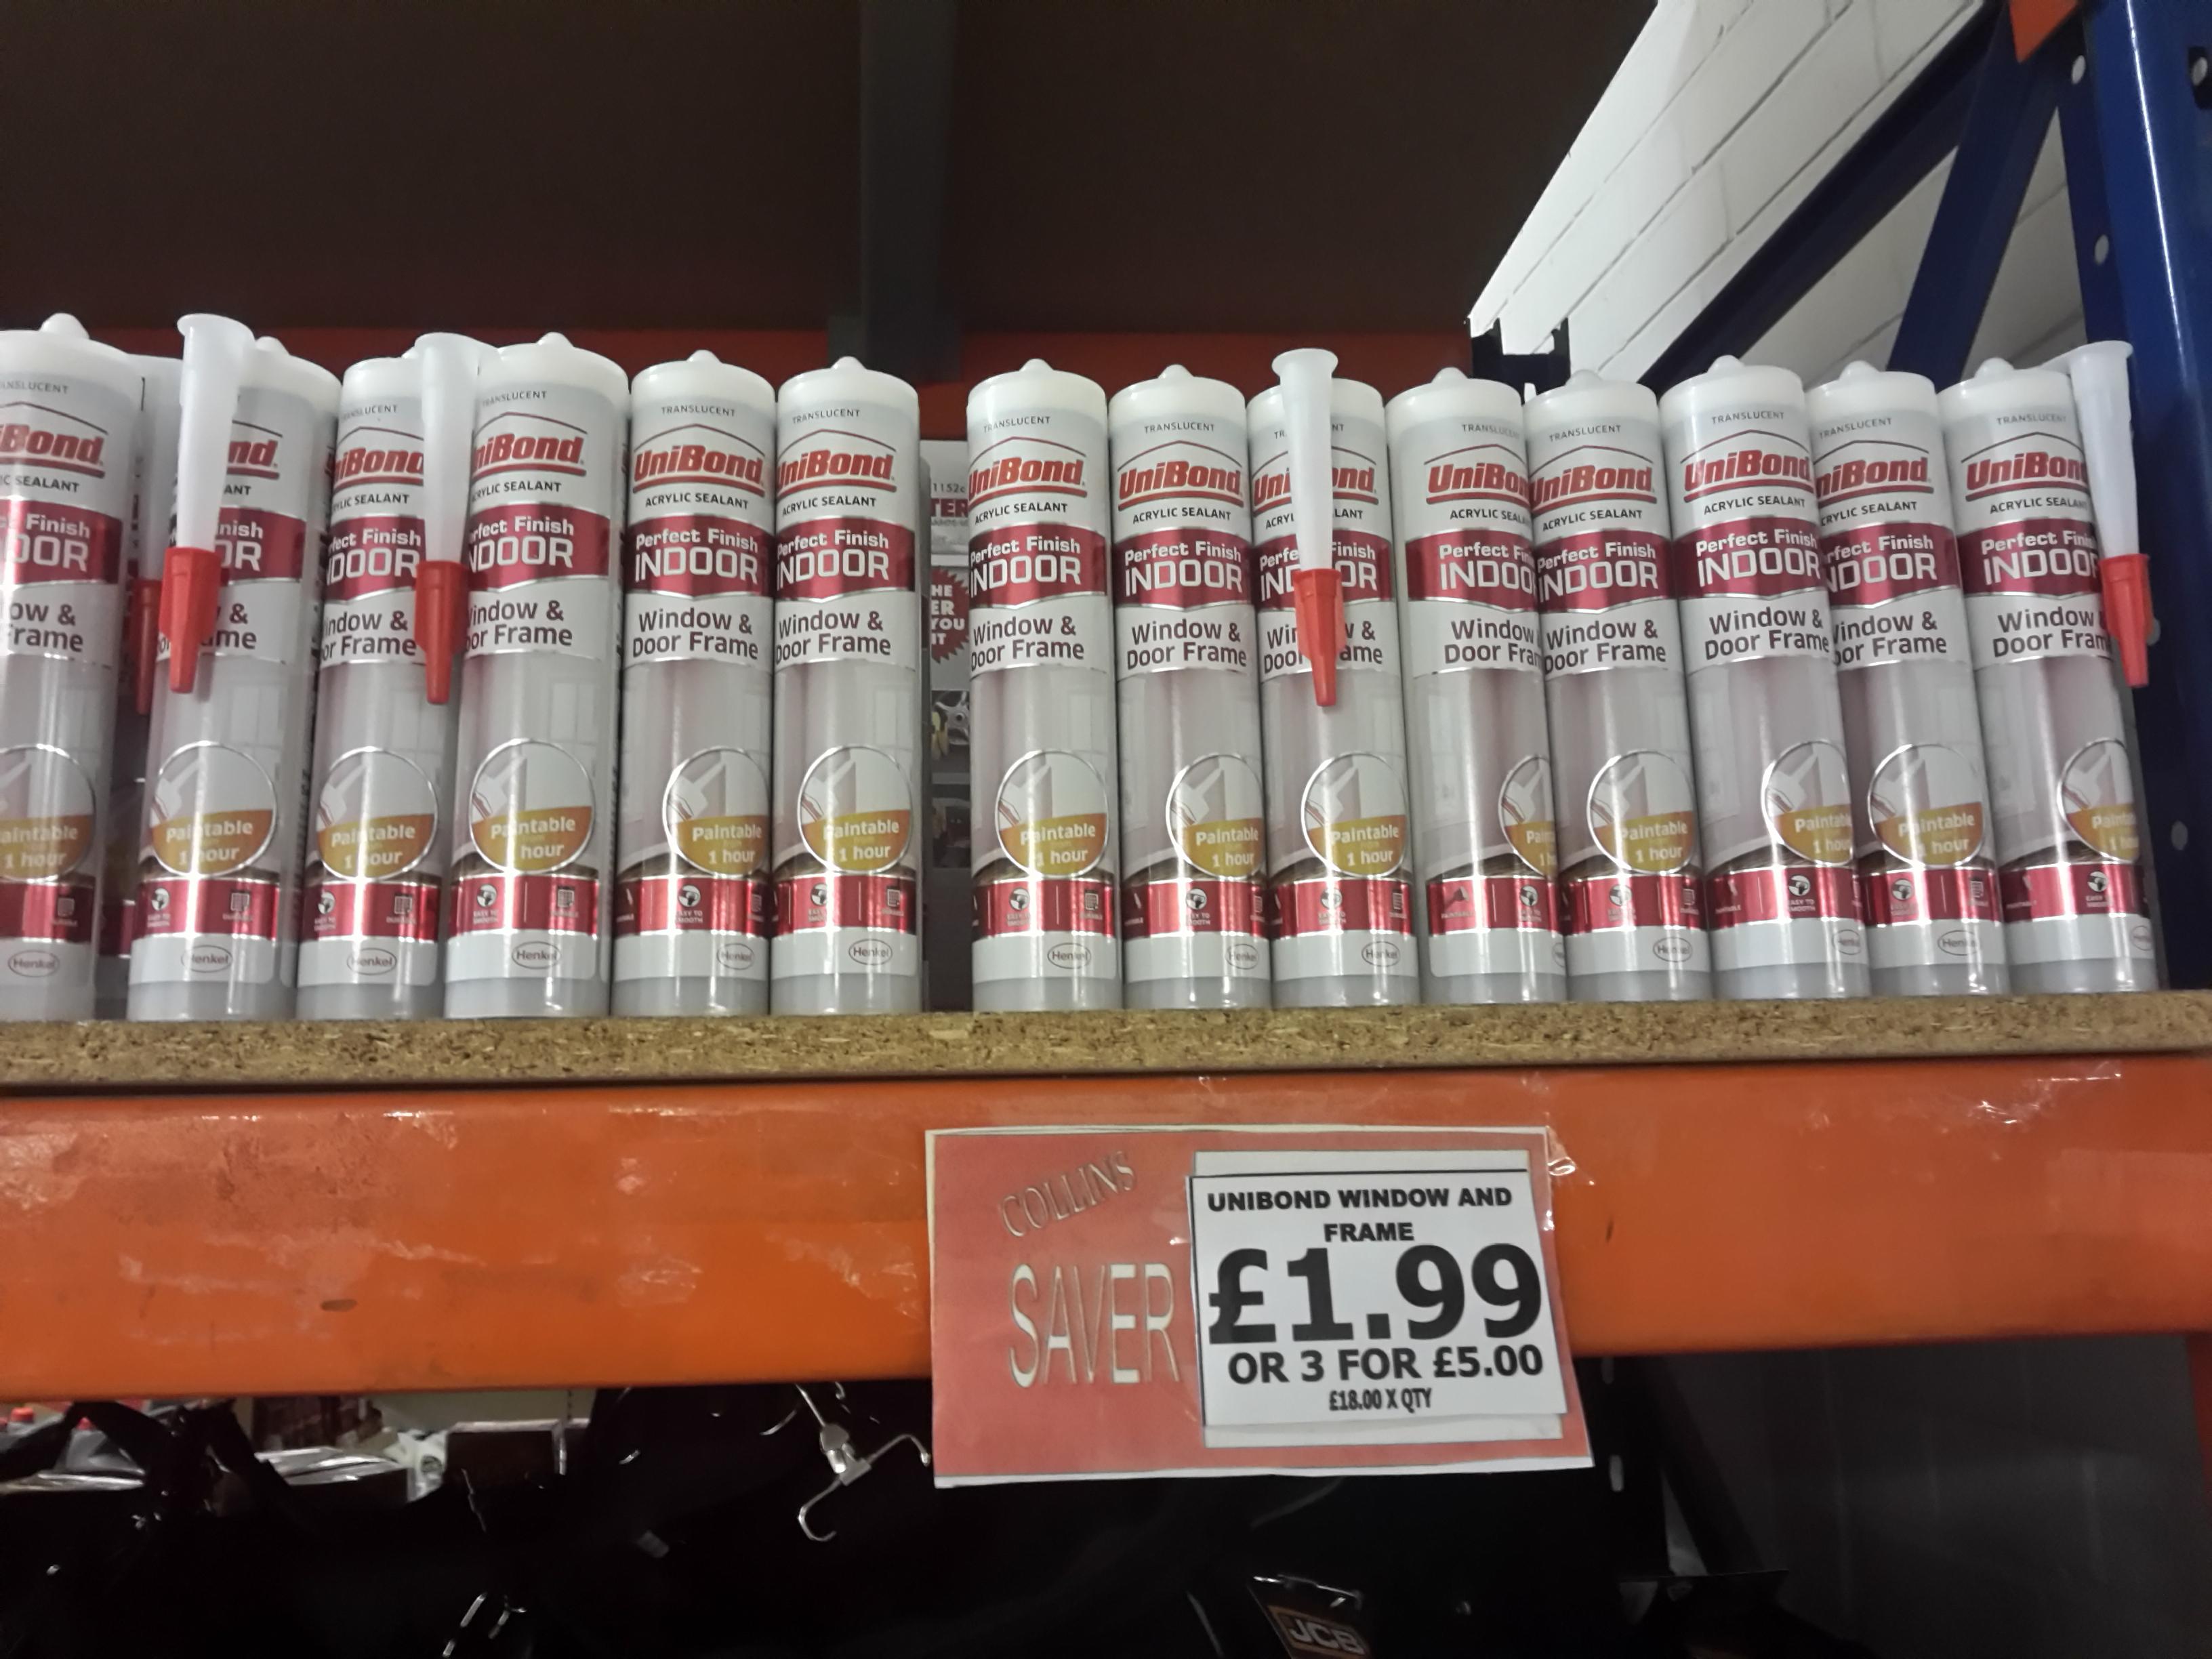 Unibond indoor window sealant £1.99 or three for £5...translucient